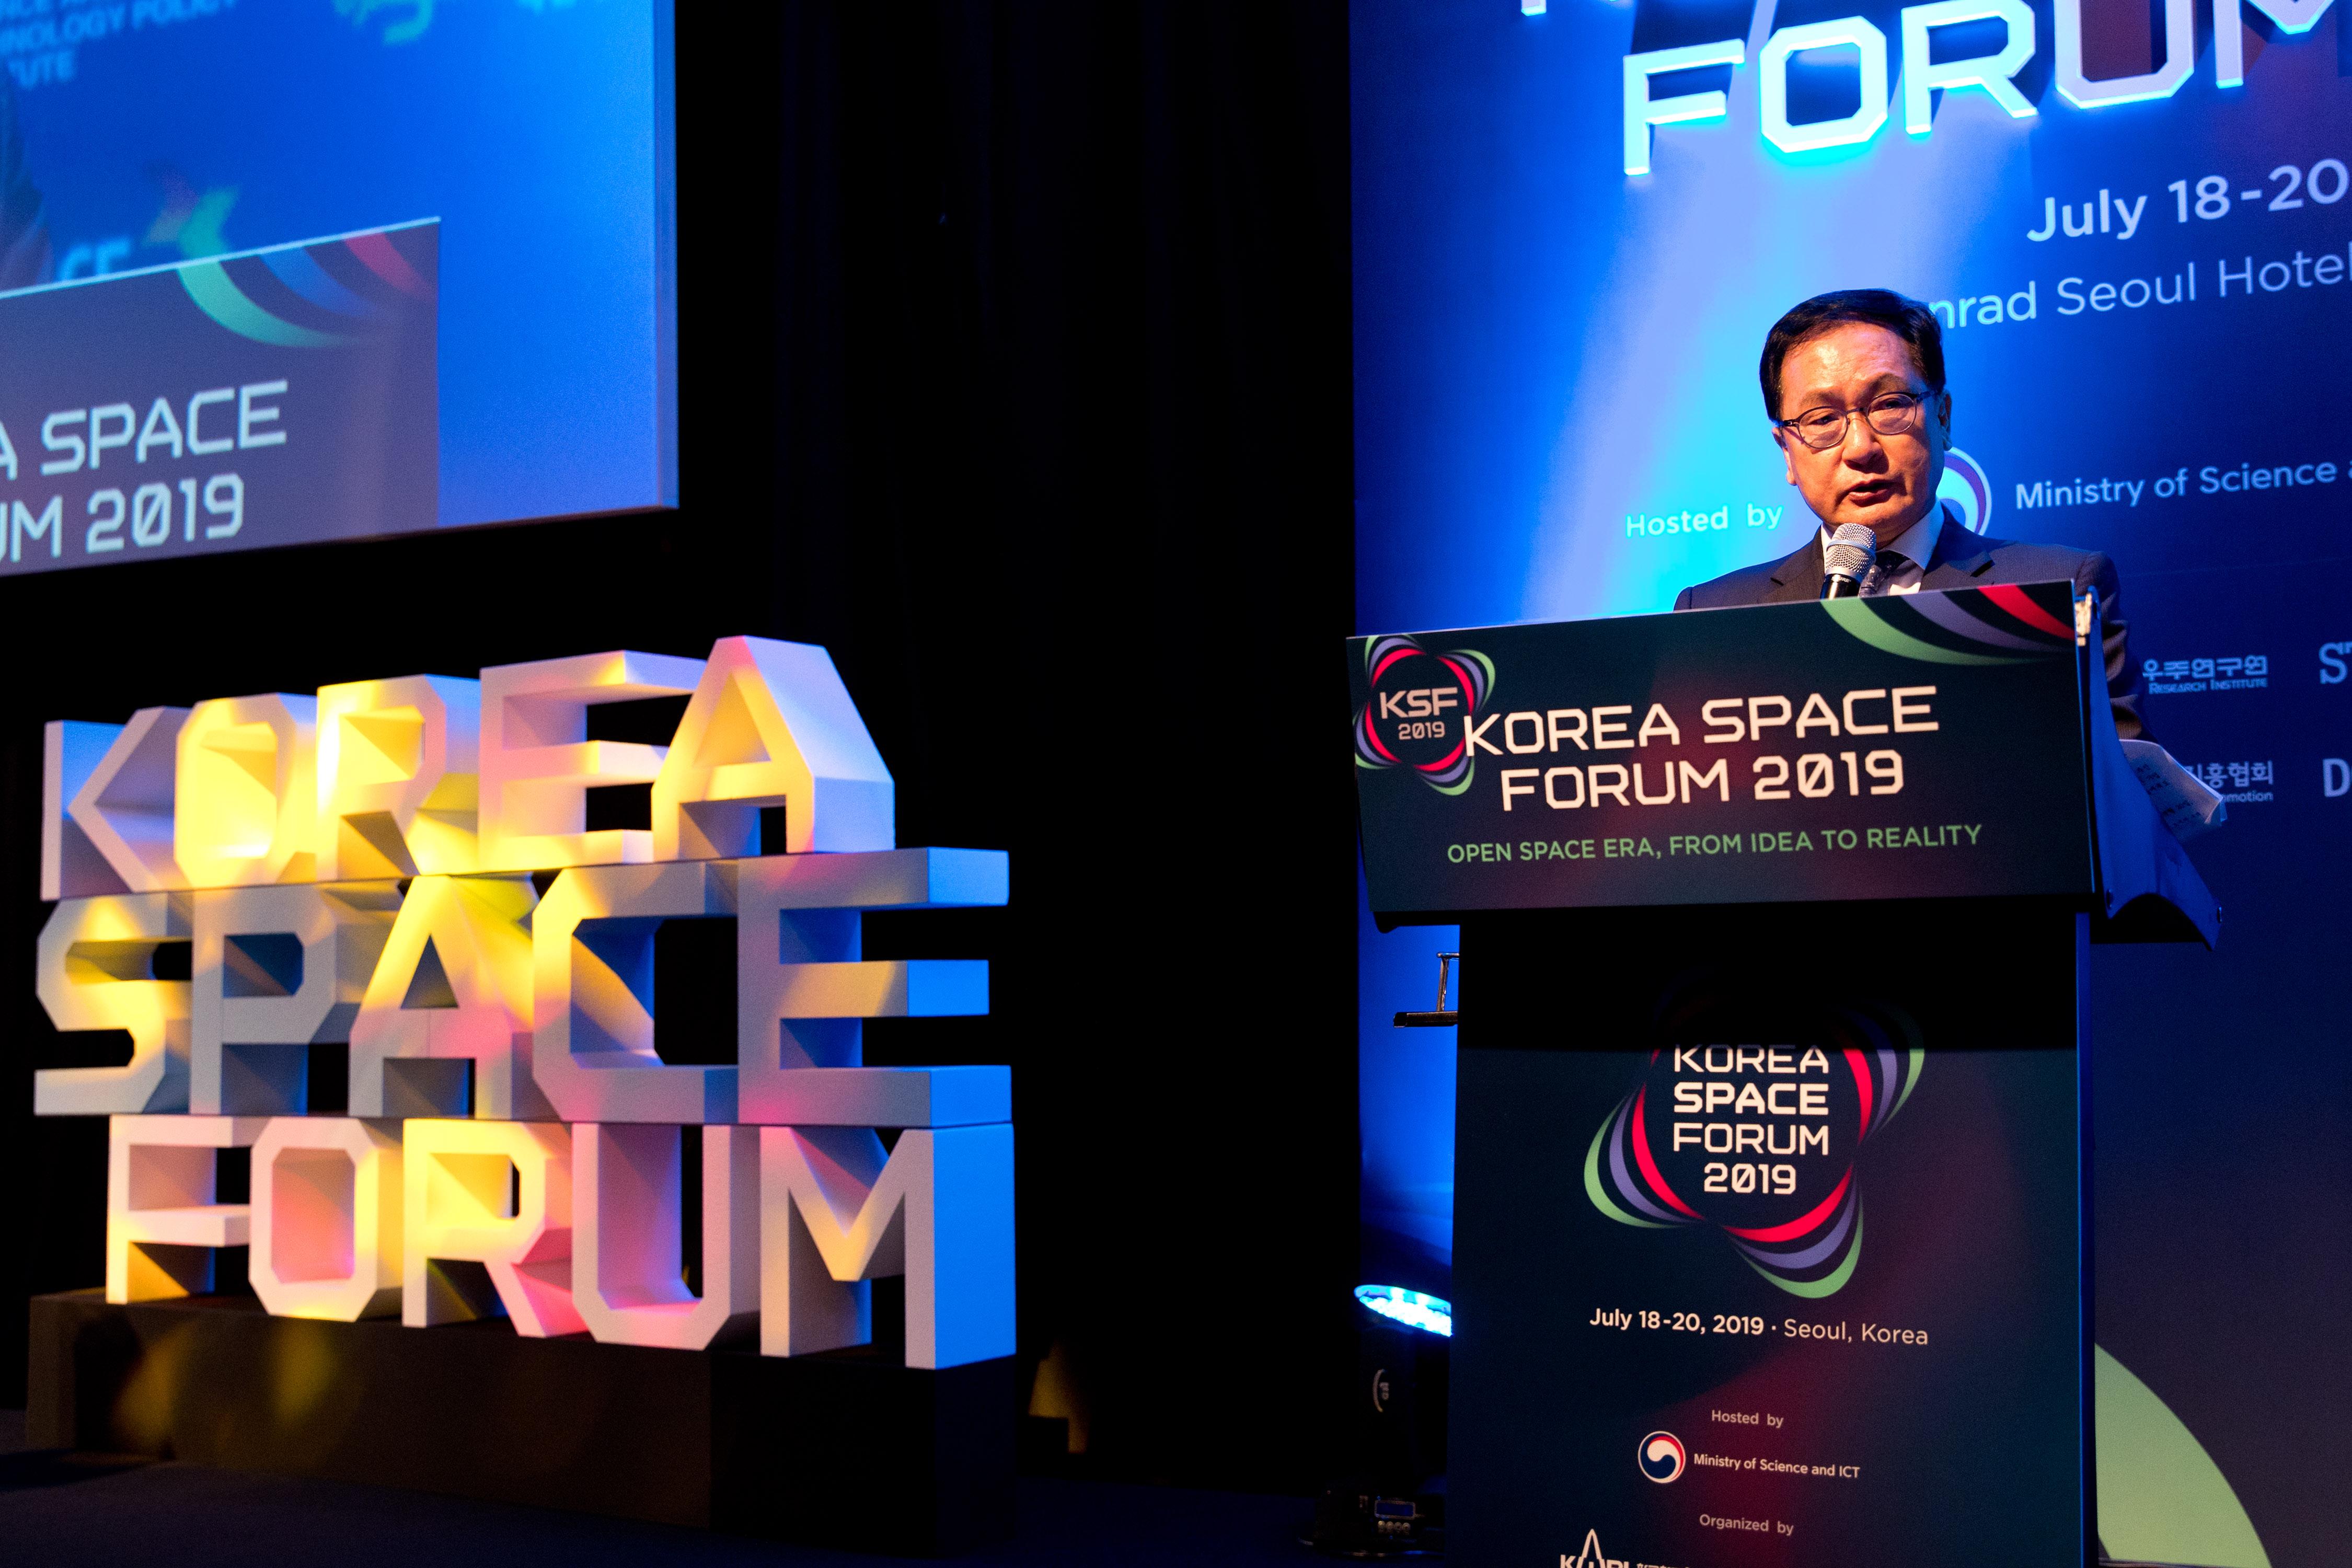 과학기술정보통신부와 한국항공우주연구원이 18일 오전 서울 영등포구 콘래드호텔에서 2019 코리아 스페이스 포럼 개회식 을 개최했다. 과학기술과기정통부 제공